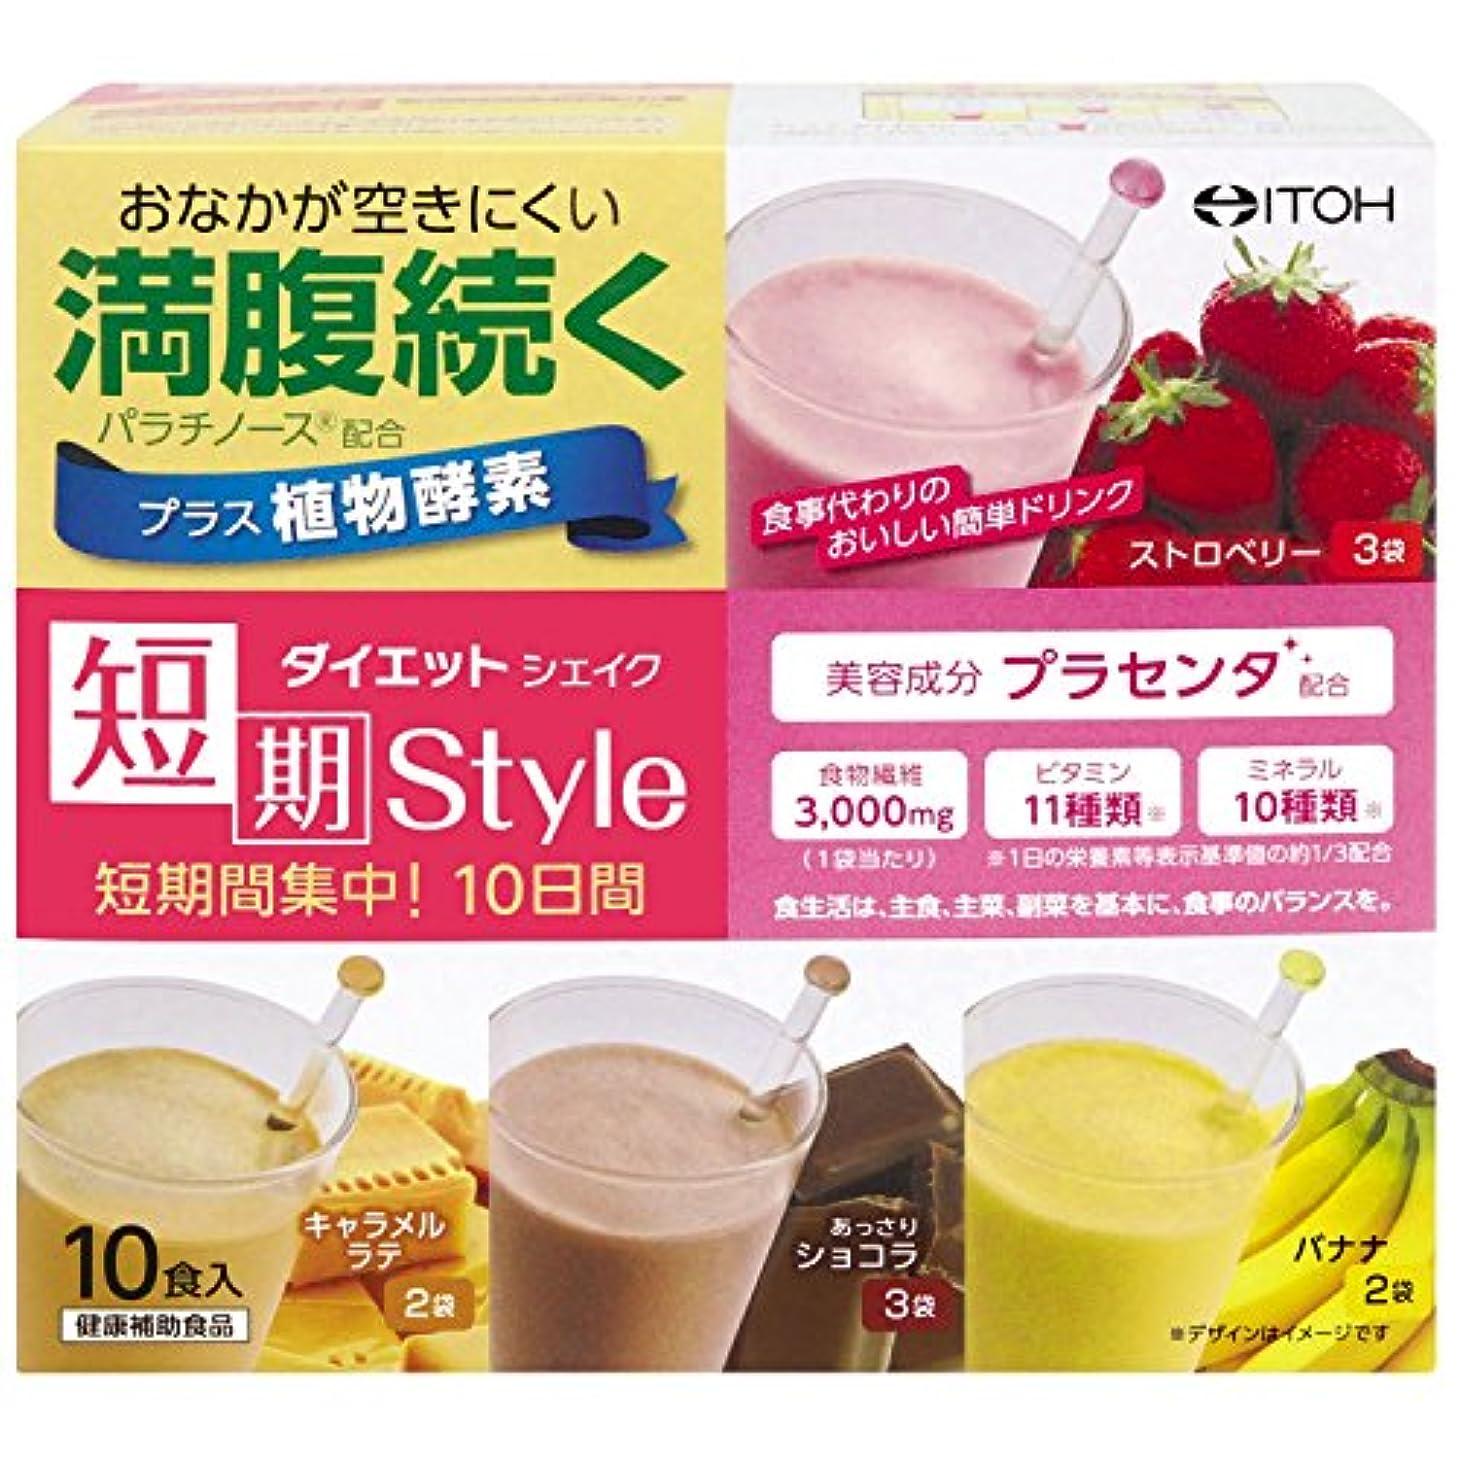 容器追うペンフレンド井藤漢方製薬 短期スタイル ダイエットシェイク 25g×10袋